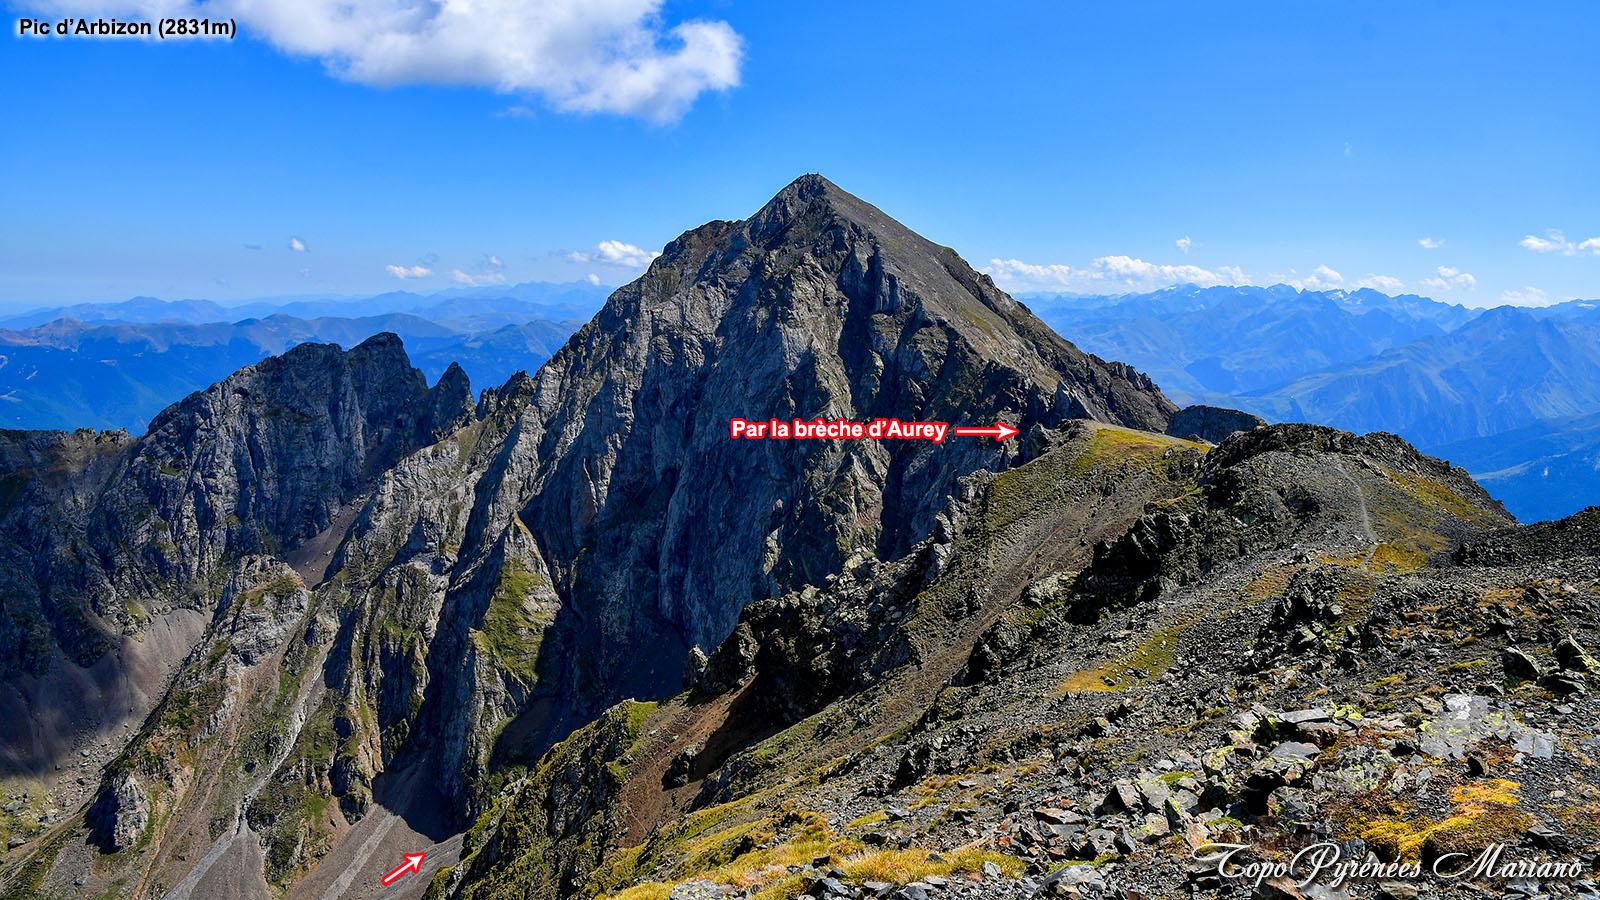 Pic Arbizon (2831m) par la brèche d'Aurey et le Montfaucon (2712m) depuis la Hourquette d'Ancizan